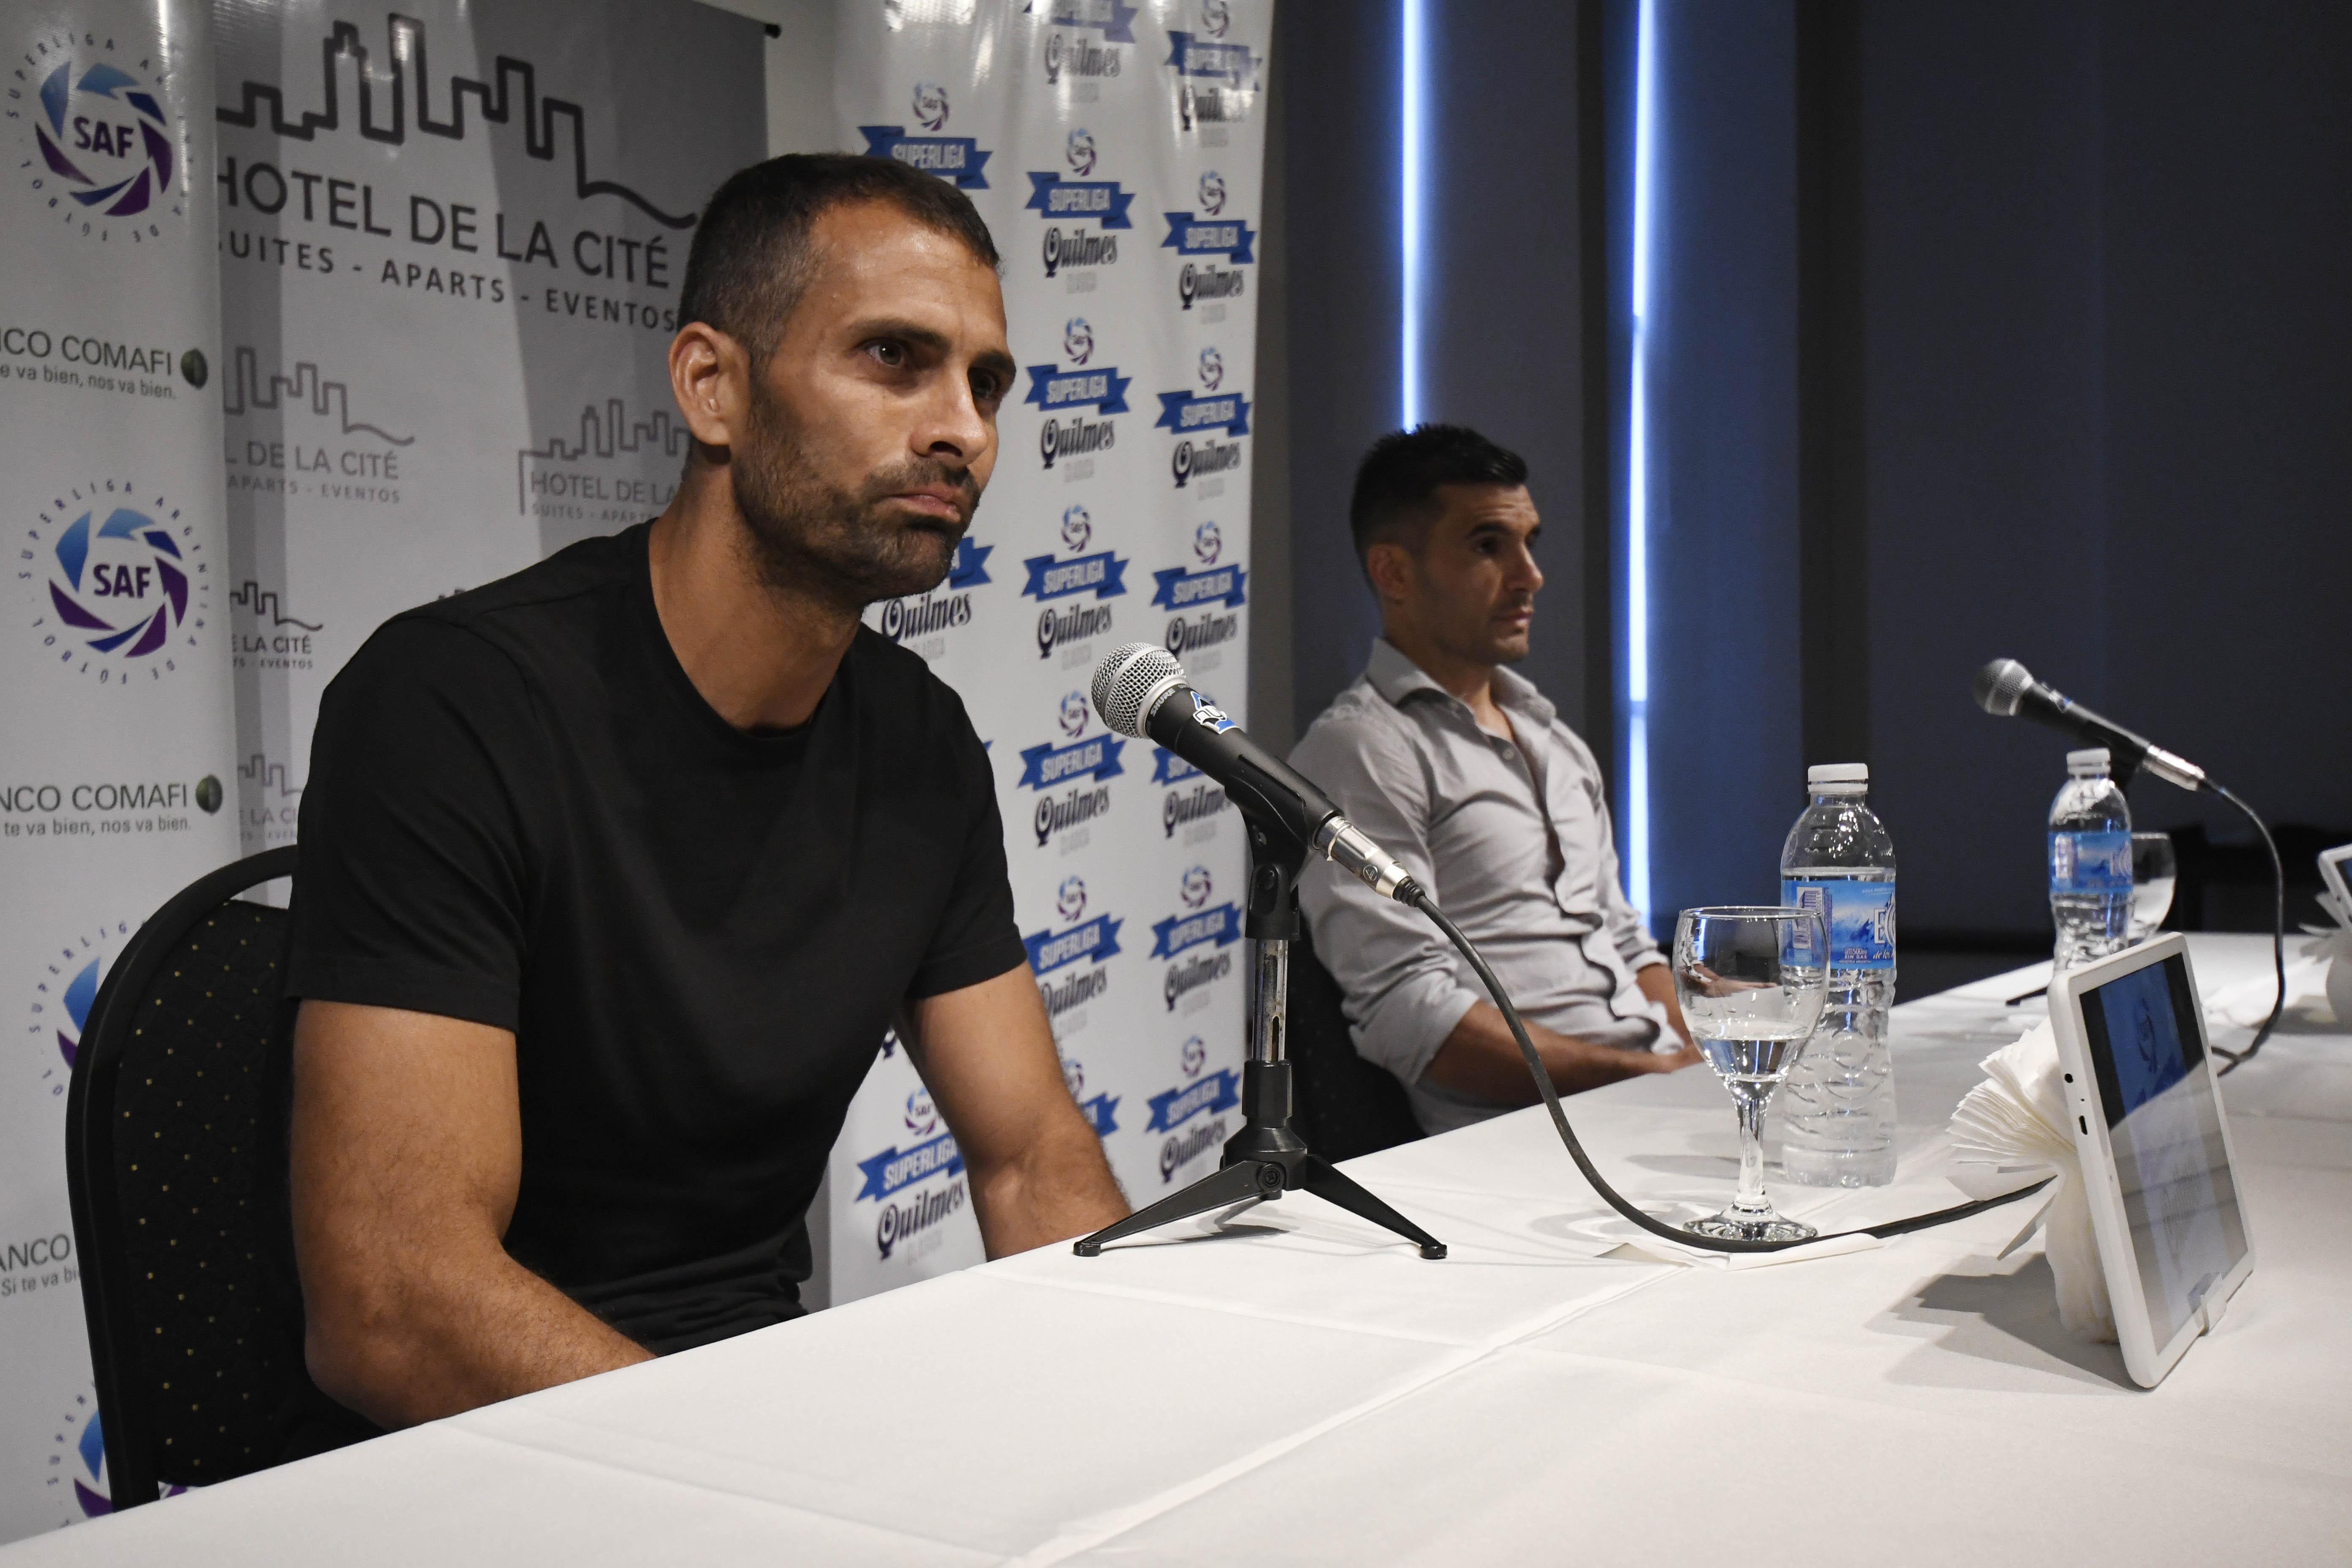 Los referentes dialogaron con la prensa en el hall de un hotel céntrico. (Foto: Juan José García)